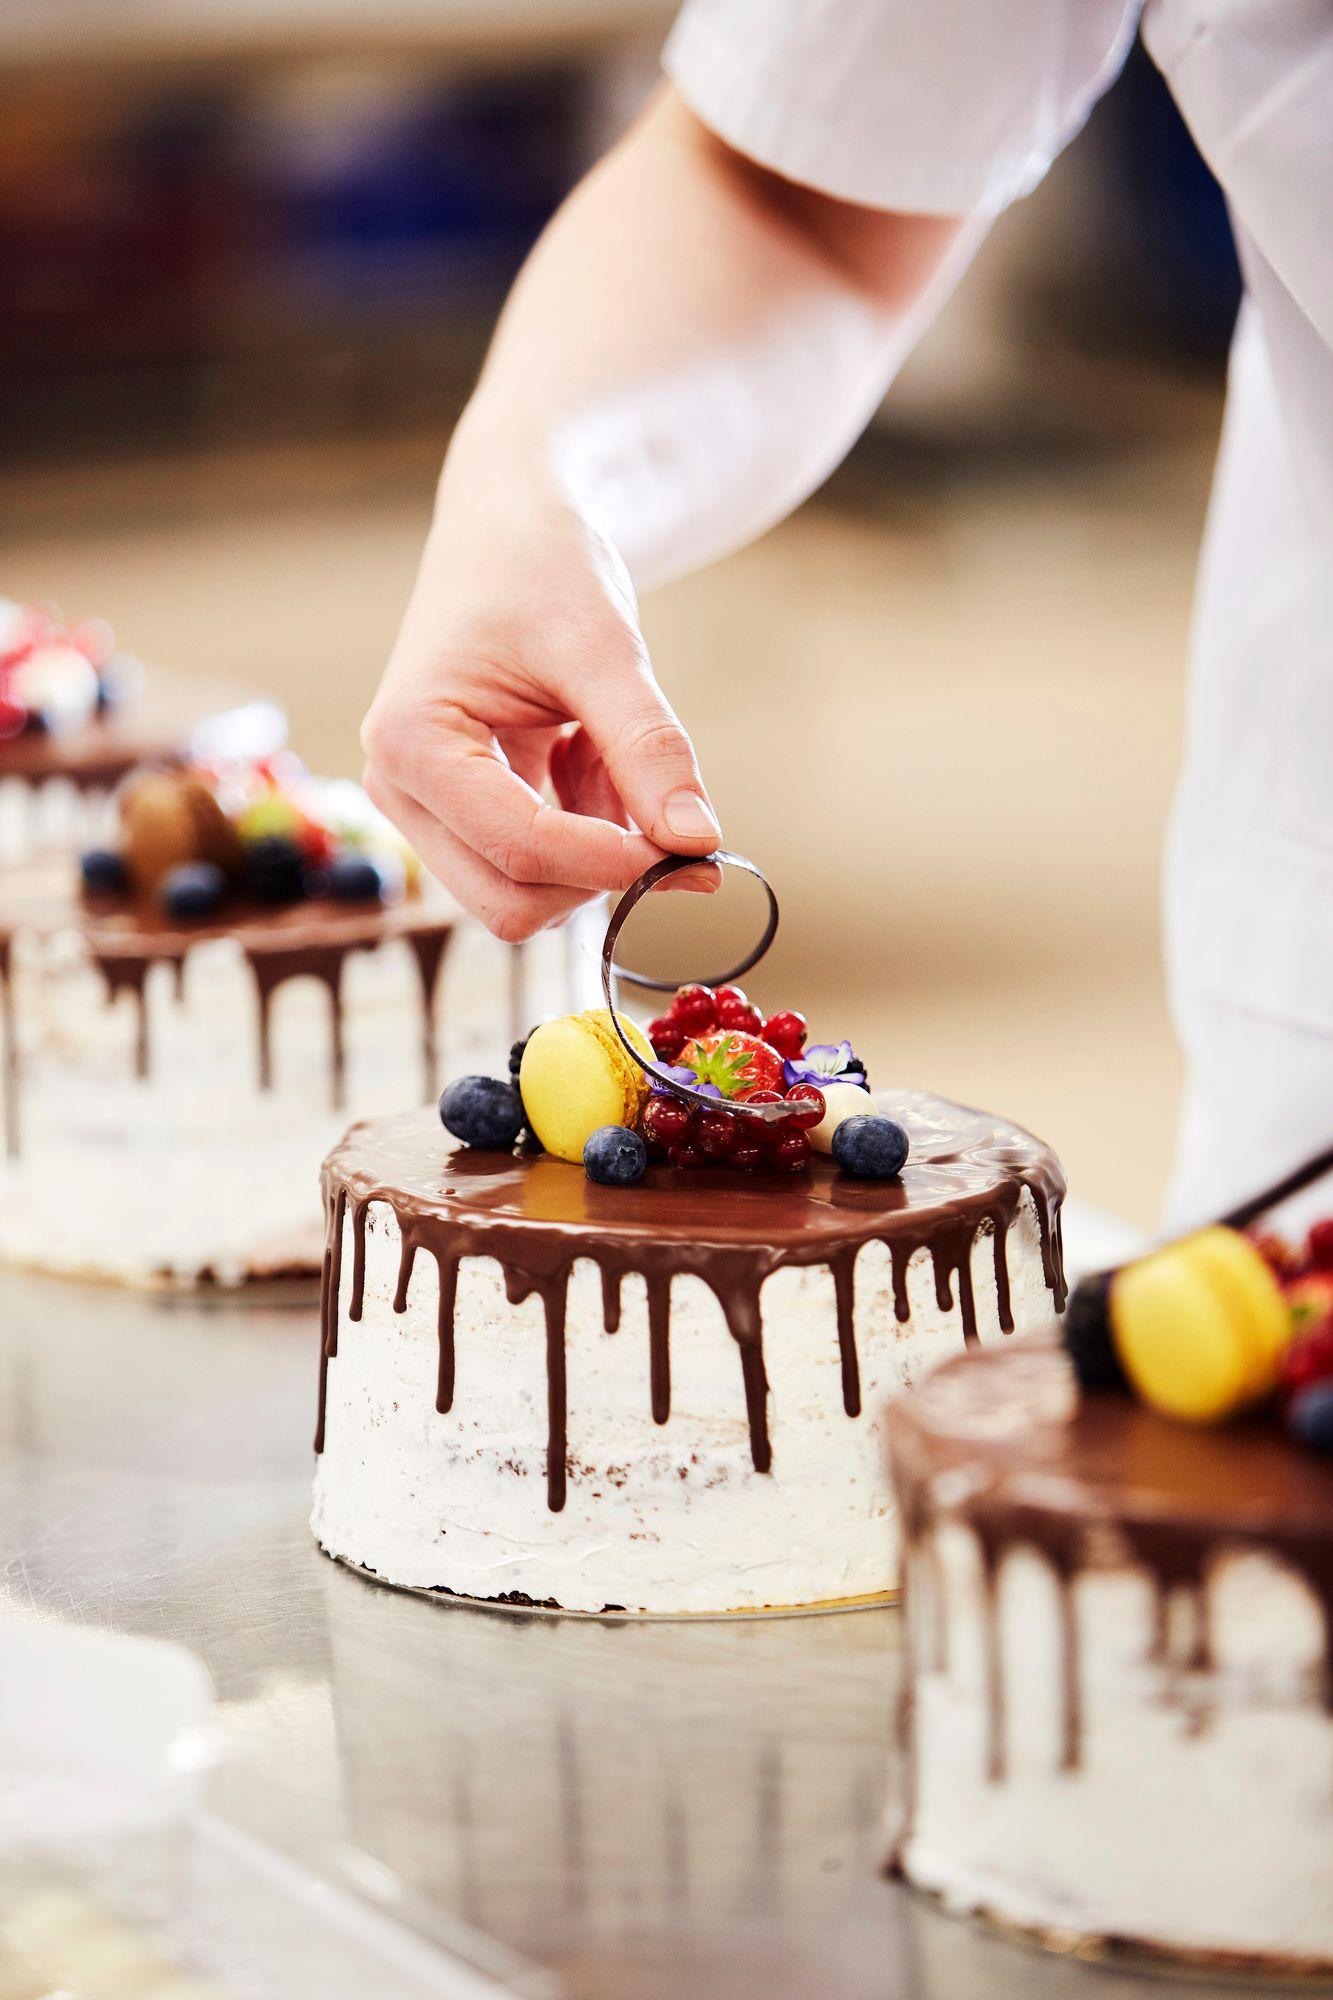 Ns. nakukakut ovat tämän kesän hittijuttu. Koristelun viimeistelee suklaakiehkura, joka sekin on valmistettu käsityönä Linkosuolla. © Sara Pihlaja